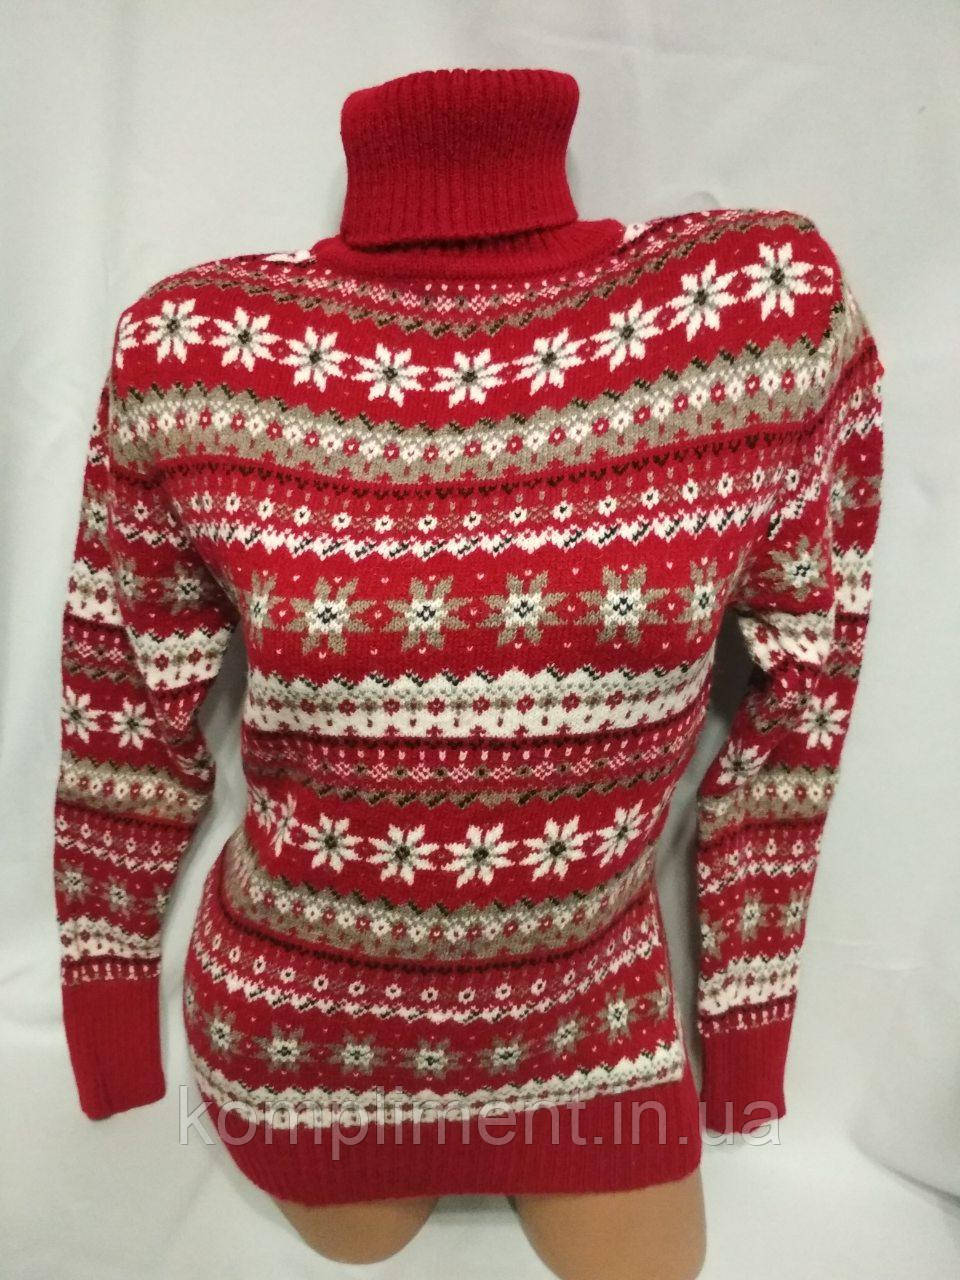 Женский новогодний вязаный свитер под горло со снежинками, красный.Турция.